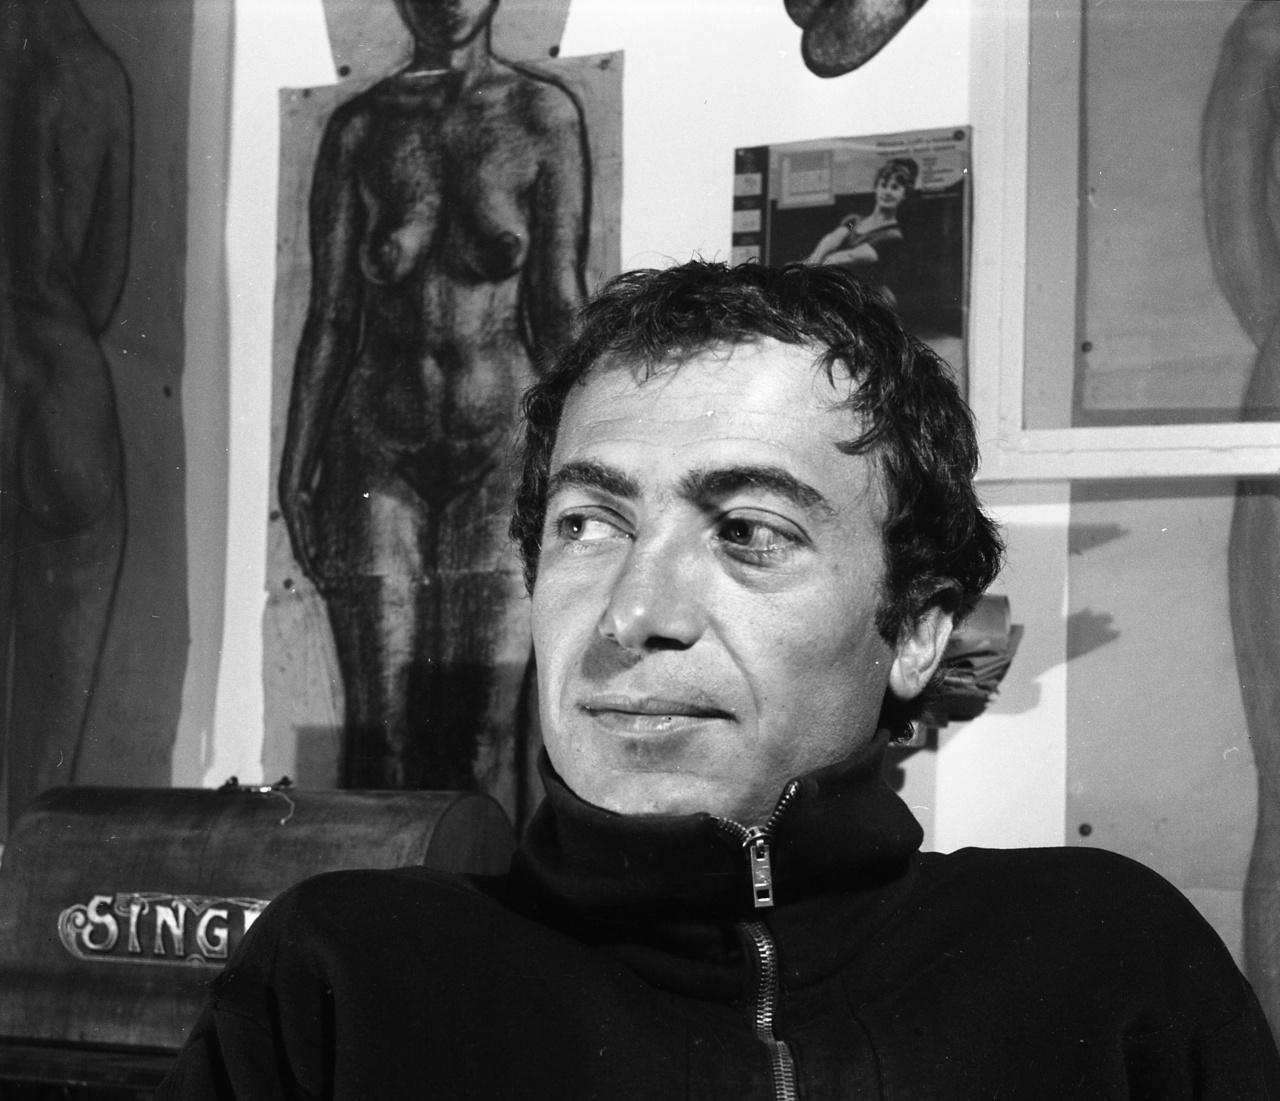 A görög születésű Papachristos Andreas tizenegy évesen került Magyarországra, miután partizánként harcoló apja meghalt a polgárháborúban. A főiskolán szobrászatot tanult, Mikus Sándor volt a mestere. Műterme falát csomagoló papírra vetett életnagyságú női aktok, portrék borították. A hatvanas-hetvenes években főként kőszobrokat, a klasszikus görög szobrászat által ihletett stilizált figurákat, portrékat készített.